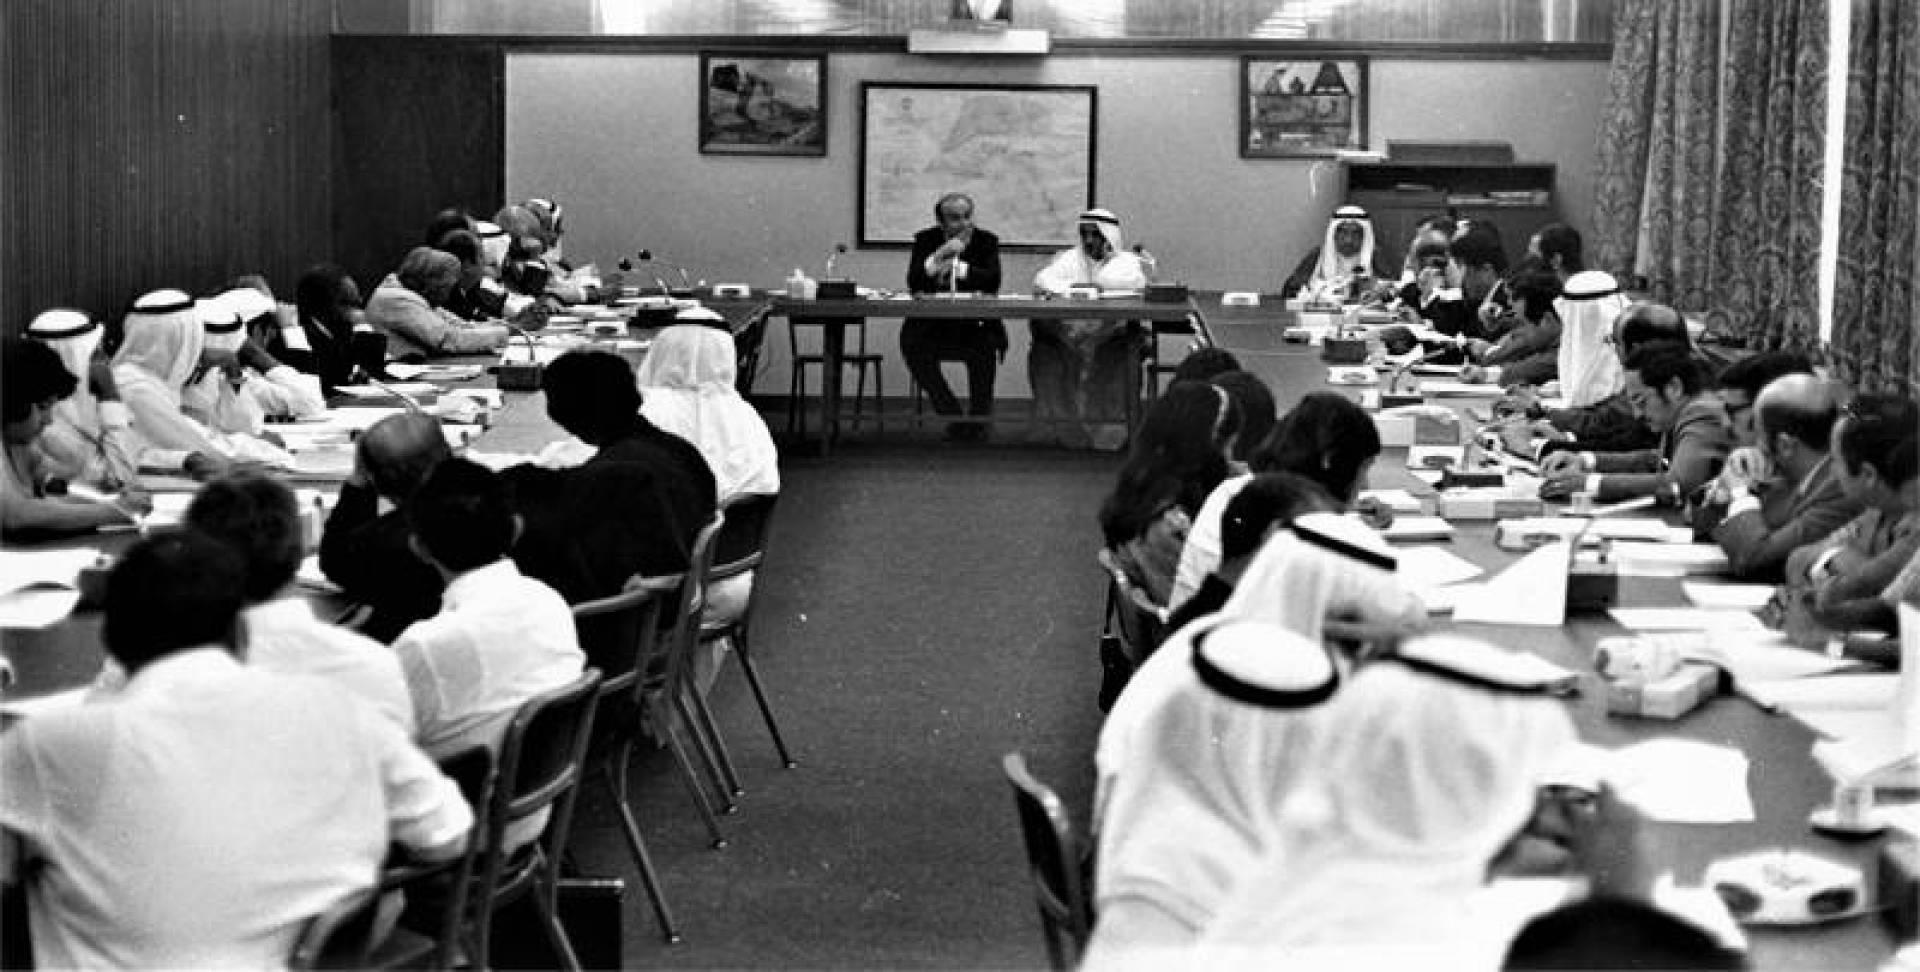 عيسى الحمد مدير الإدارة السياسية بوزارة الخارجية يتحدث حول اجتماعات الدورة الاستثنائية للأمم المتحدة.. أرشيفية